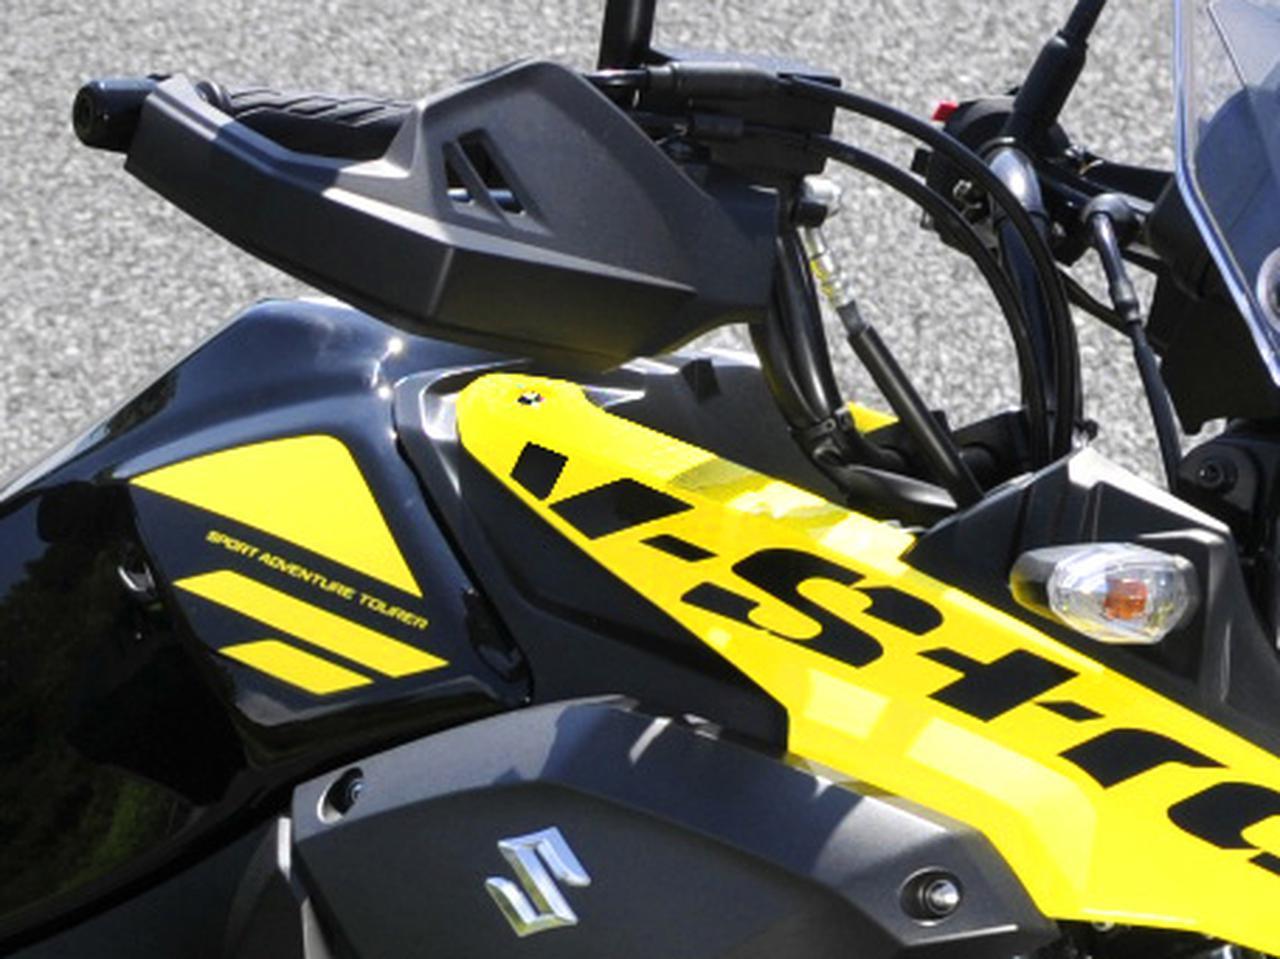 画像1: スズキのバイクにある『謎の穴』の正体は?【スズキ アルティメットクイズ⑦/難易度☆☆】